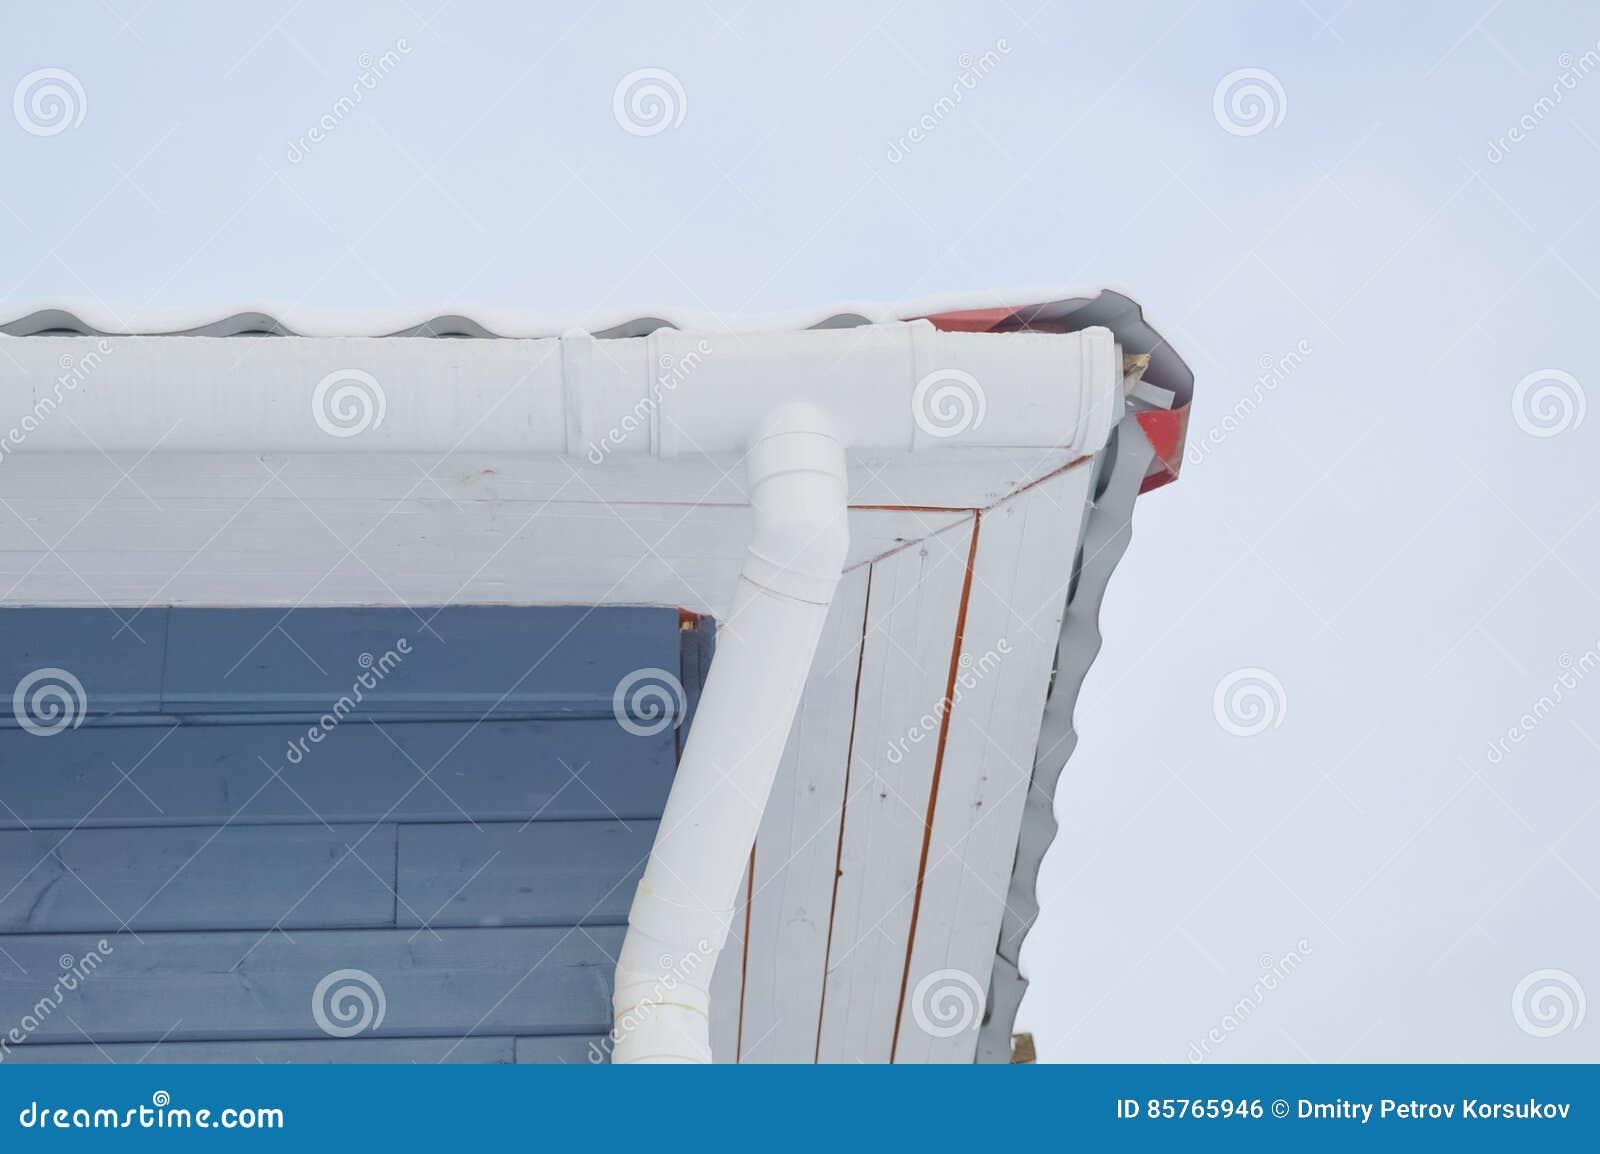 Op de hoek van de huispijp livnestok stock foto afbeelding 85765946 - Sofa van de hoek uitstekende ...